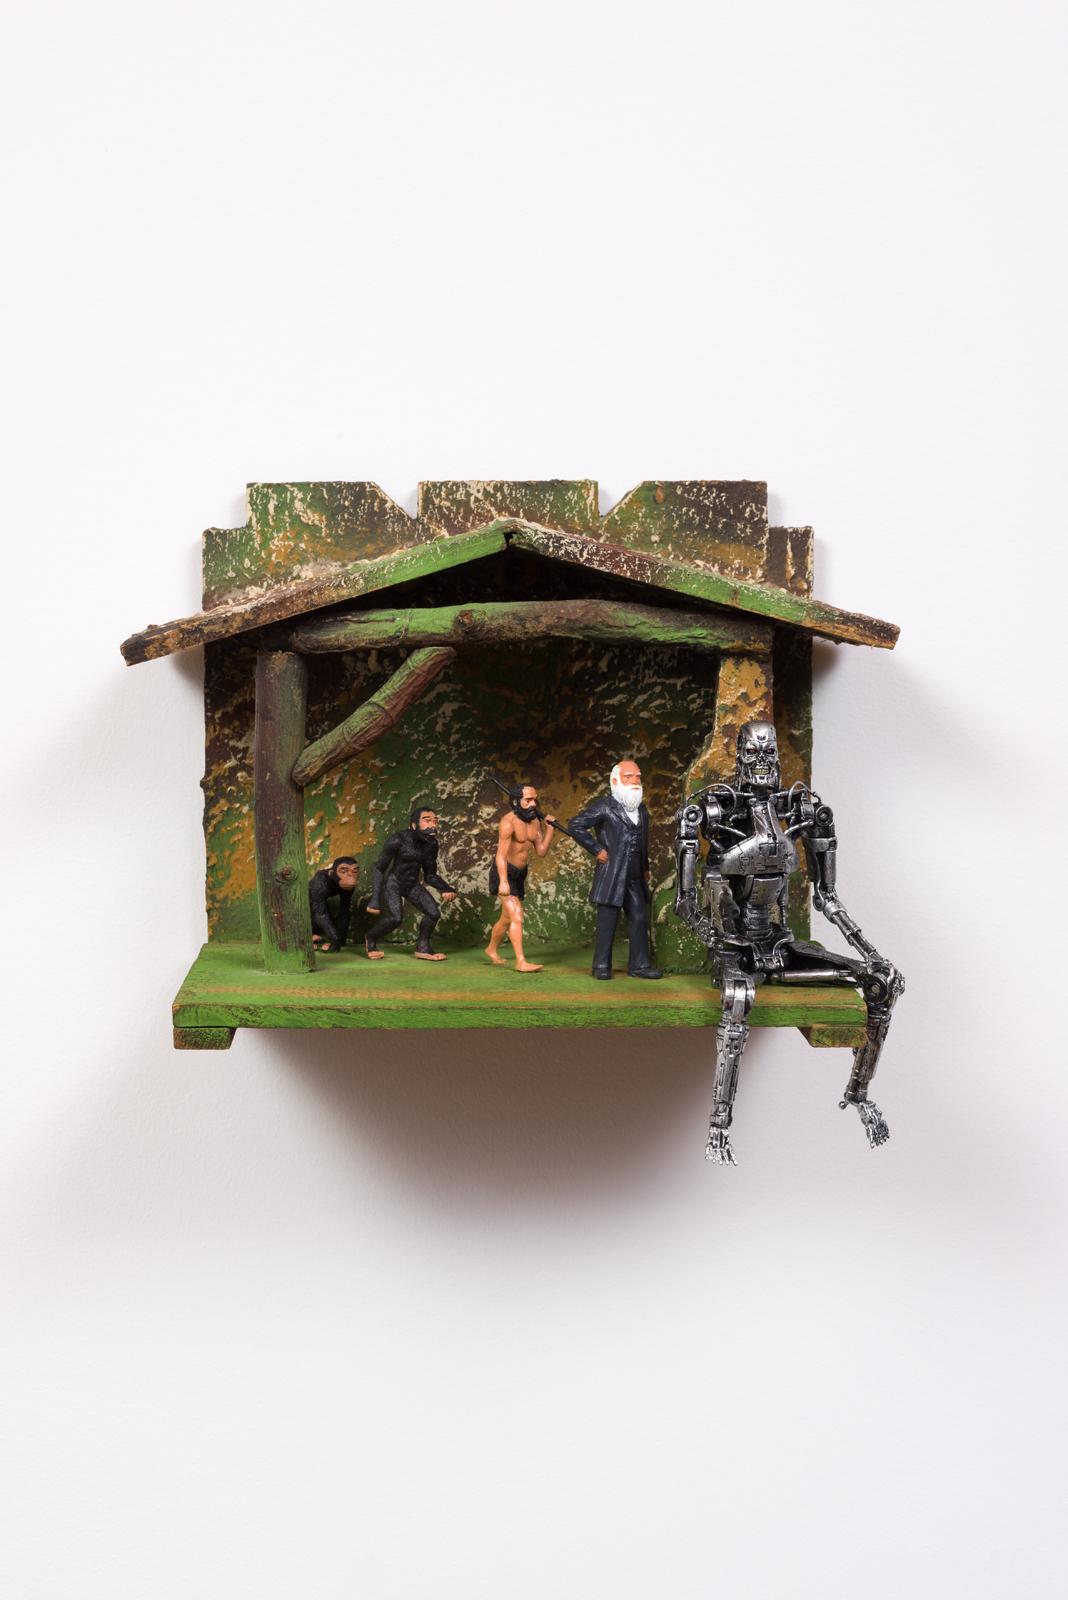 Evolution in a Manger, 2017  Plastic figures, wooden model